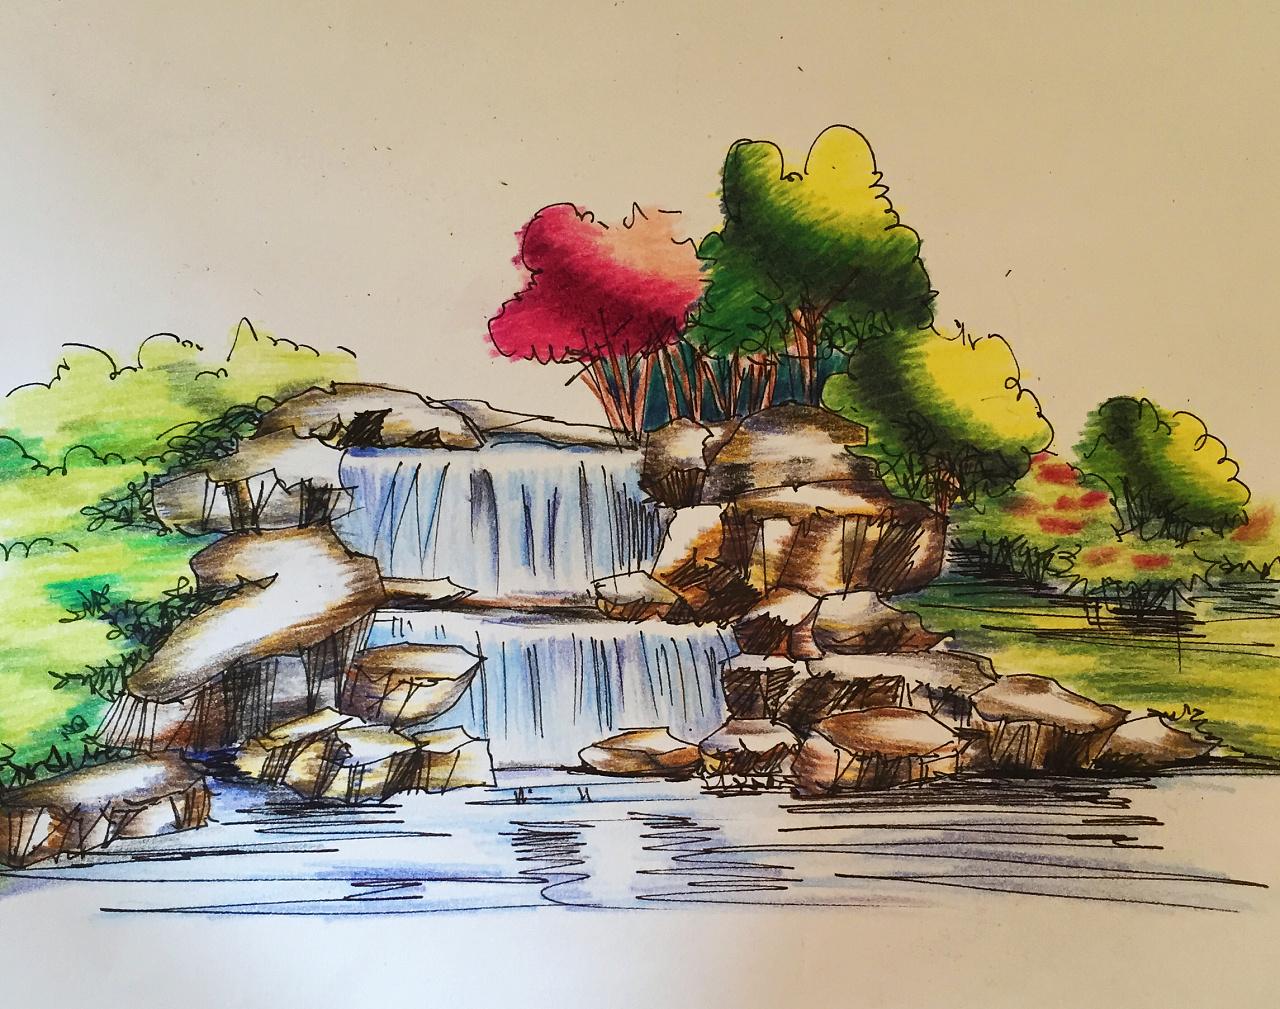 园林景观手绘效果图|纯艺术|彩铅|木味可乐 - 原创